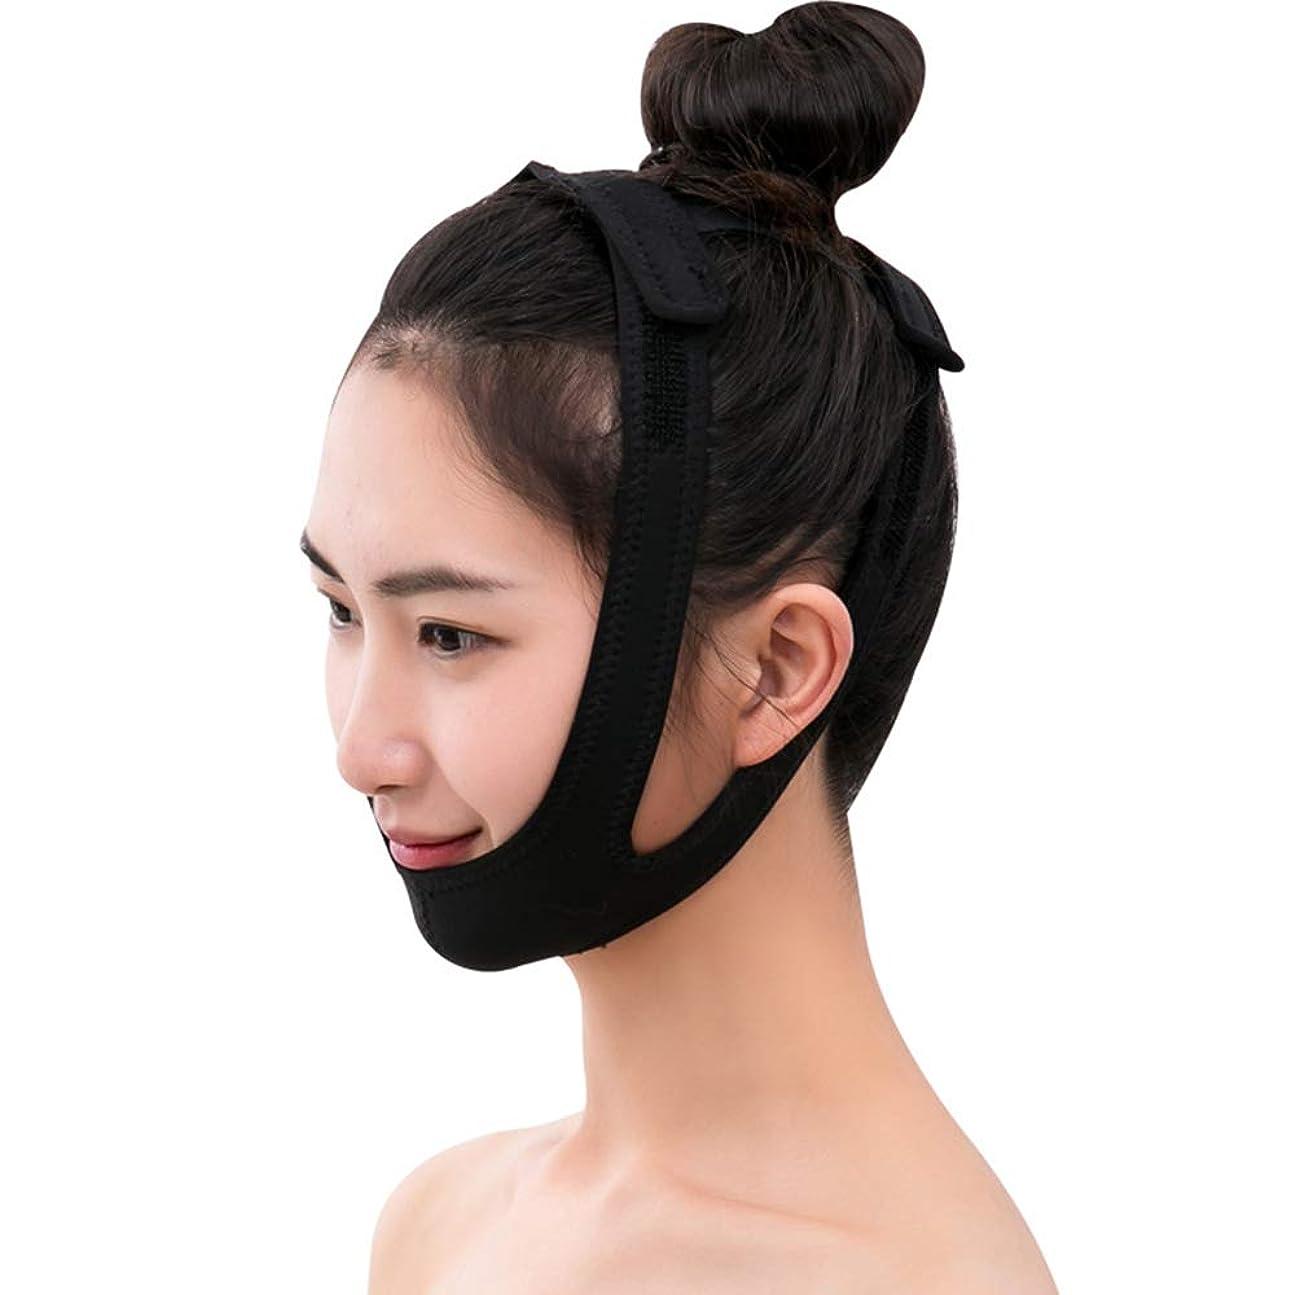 保全欲しいですオーガニックRui Peng フェイスリフティングベルト シンフェイスバンド - シンフェイスバンデージ美容機器フェイシャルリフト睡眠マスク法Vフェイスマスクを通気性にする